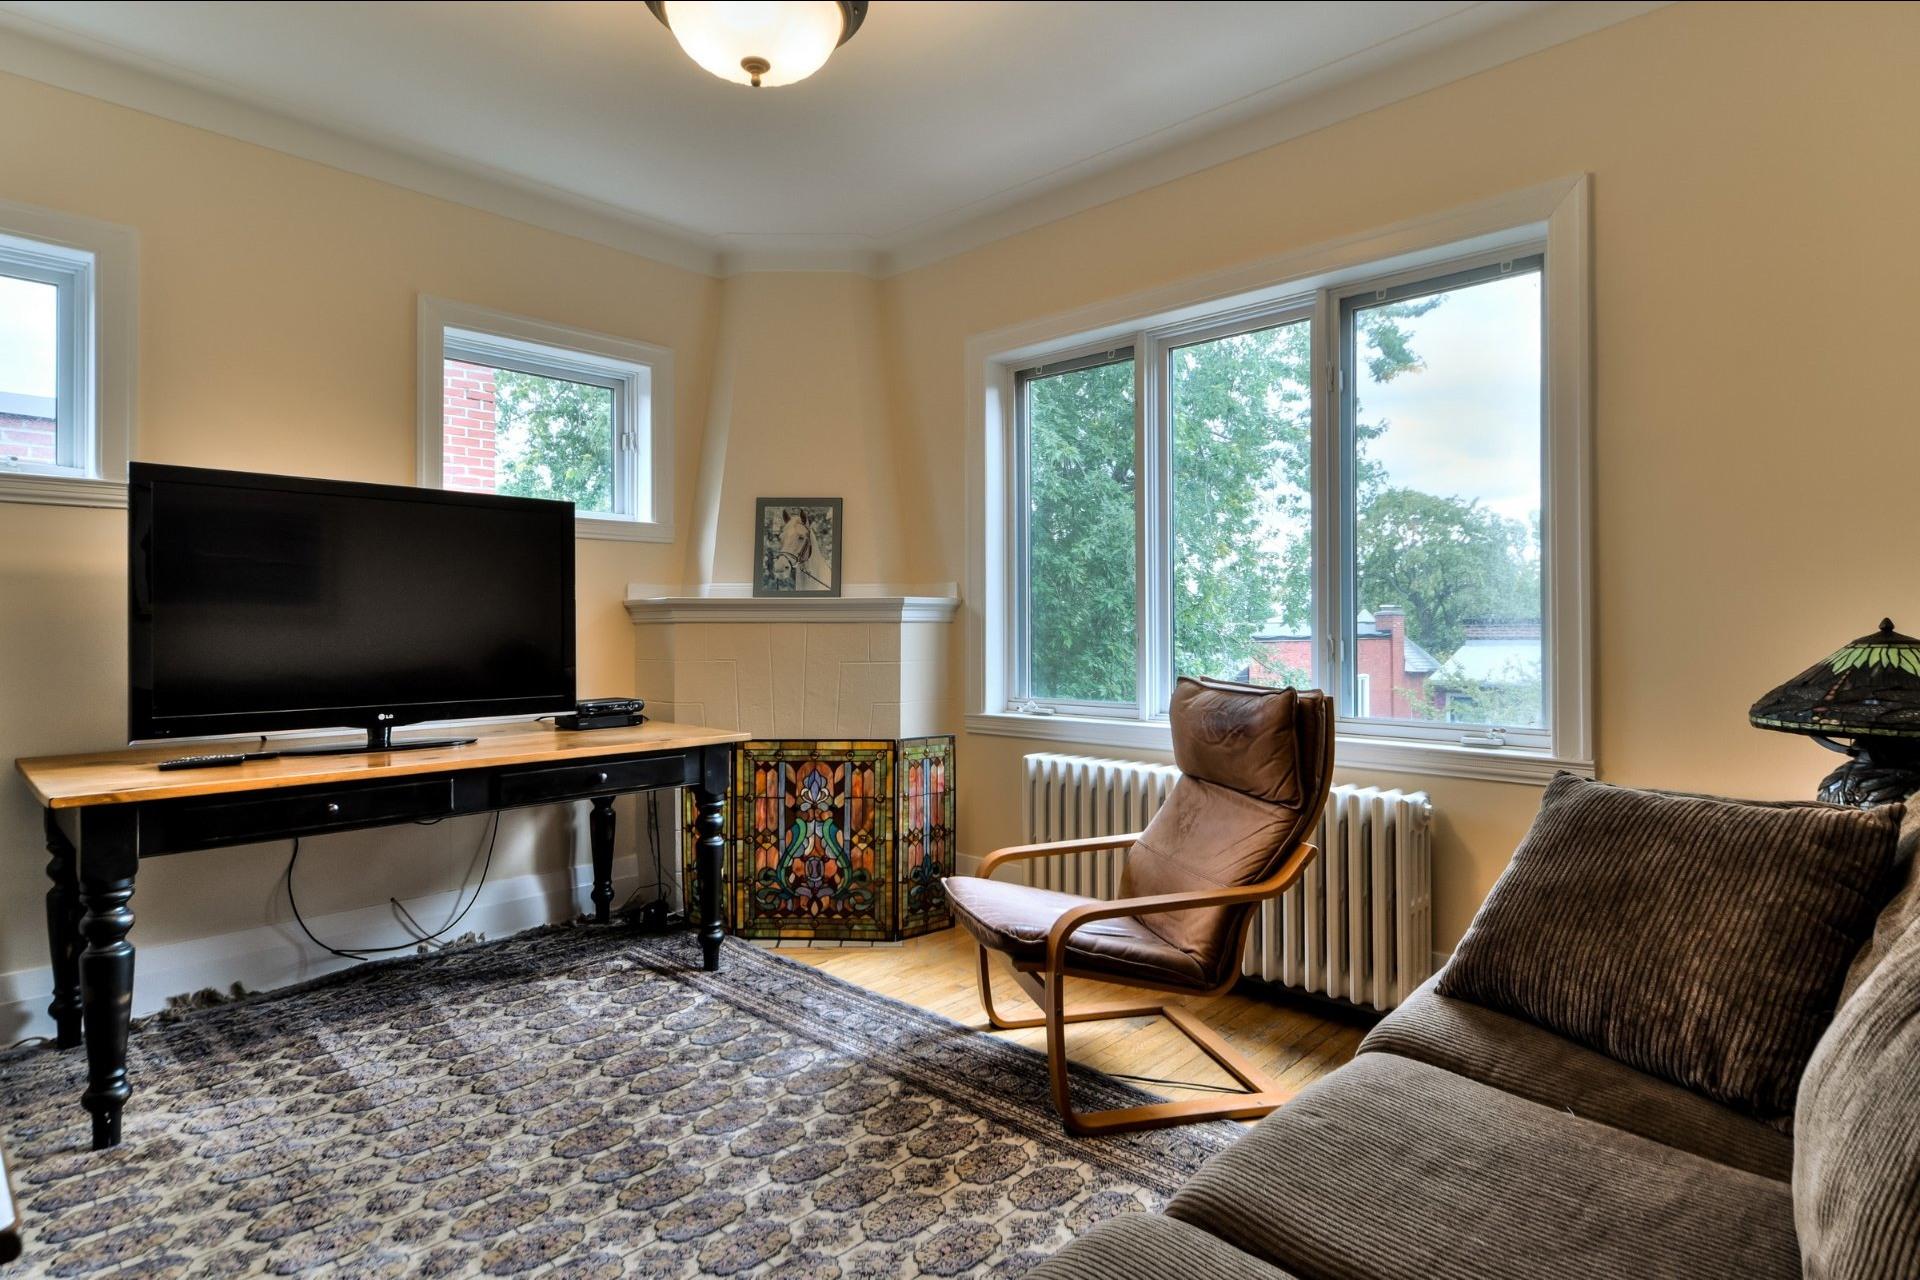 image 24 - House For sale Côte-des-Neiges/Notre-Dame-de-Grâce Montréal  - 13 rooms